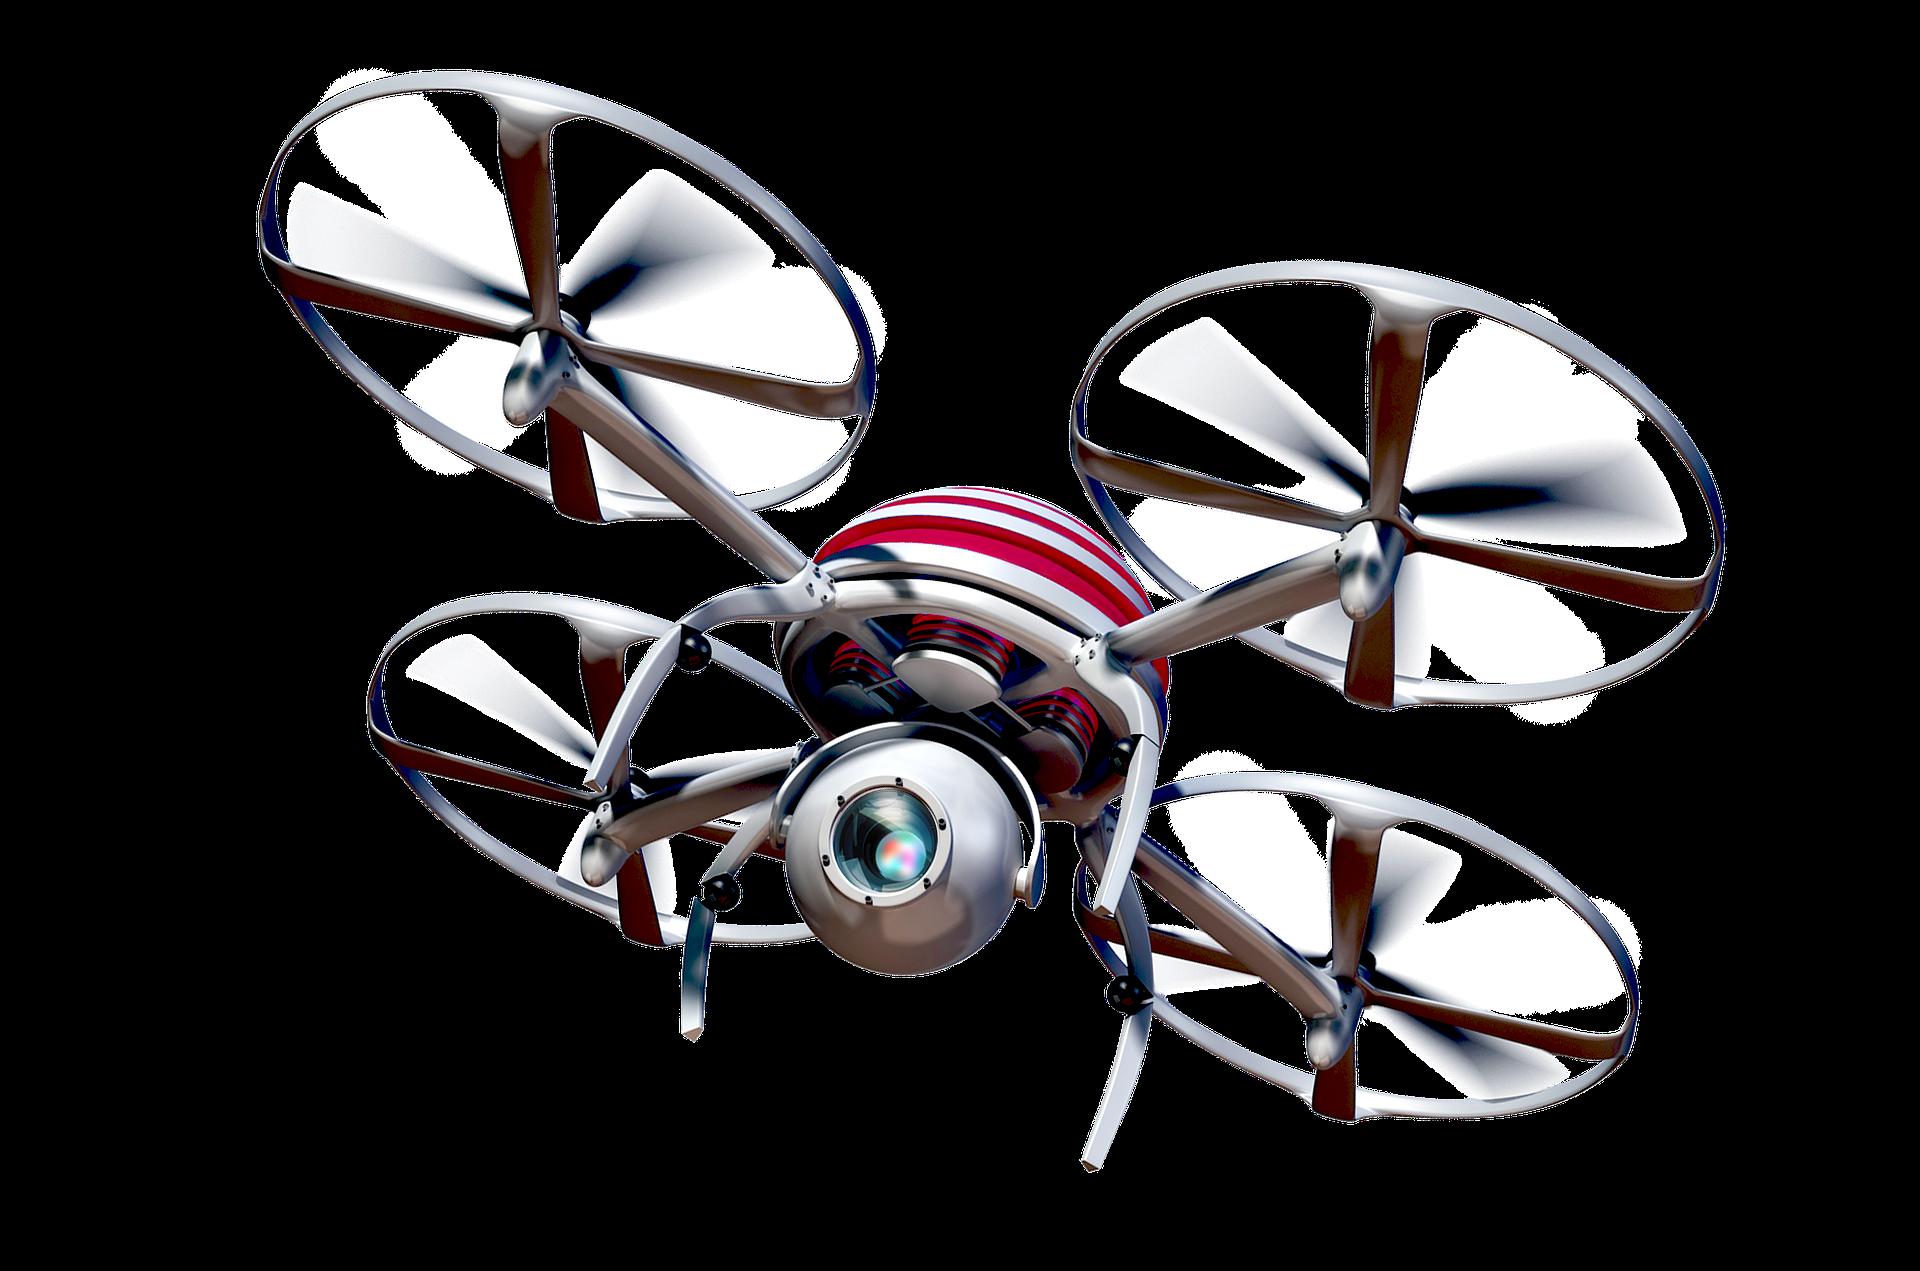 çok pervaneli drone